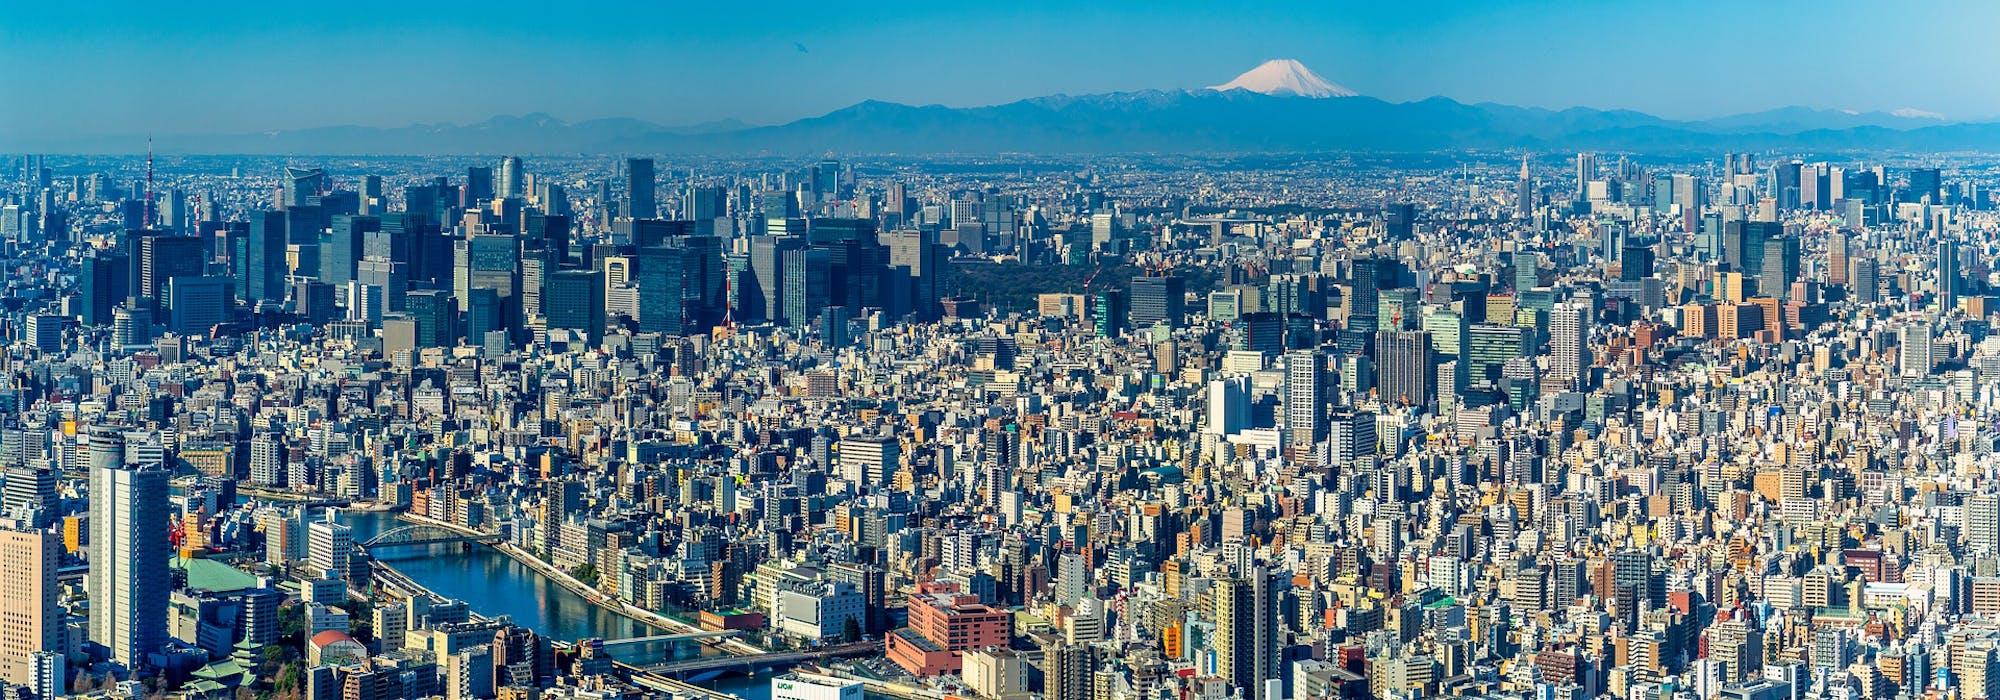 Översiktsbild tagen på Tokyo med mängder av höga byggnader och berget Fuji i bakgrunden.